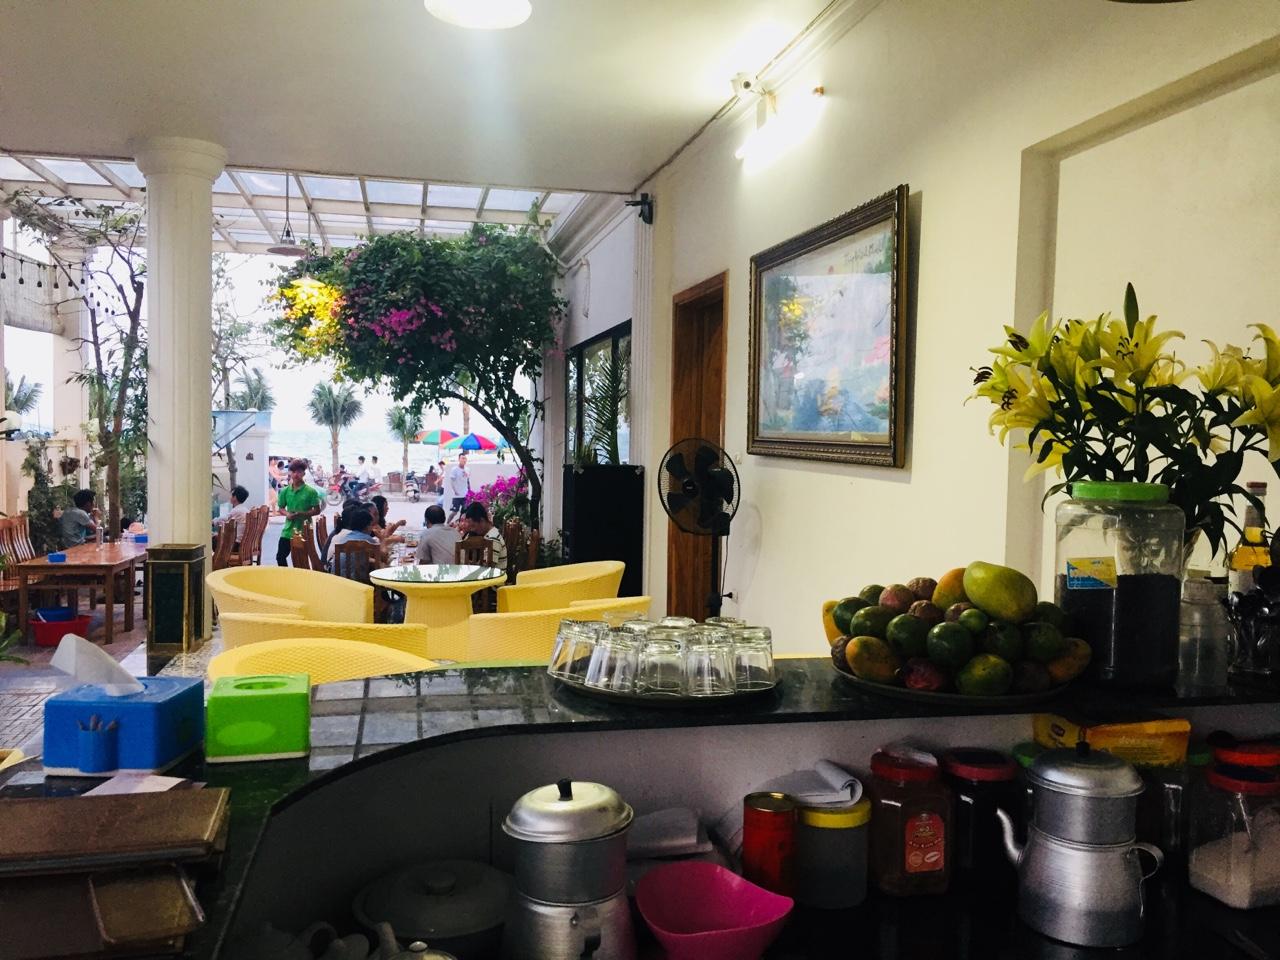 Bar - Cafe khách sạn Hải Tiến Green 1